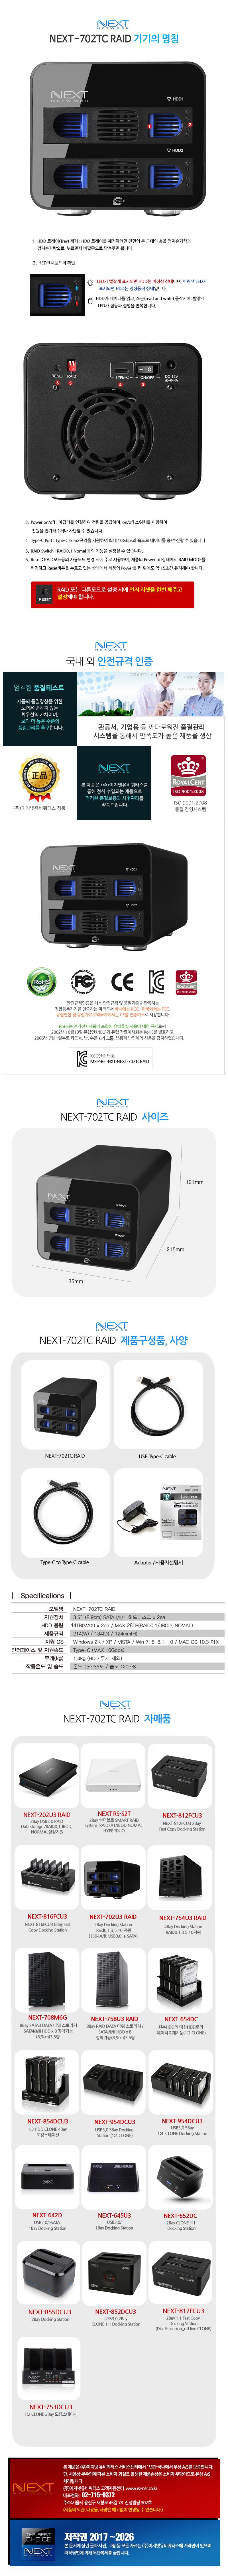 이지넷유비쿼터스 넥스트 NEXT-702TC RAID (4TB)